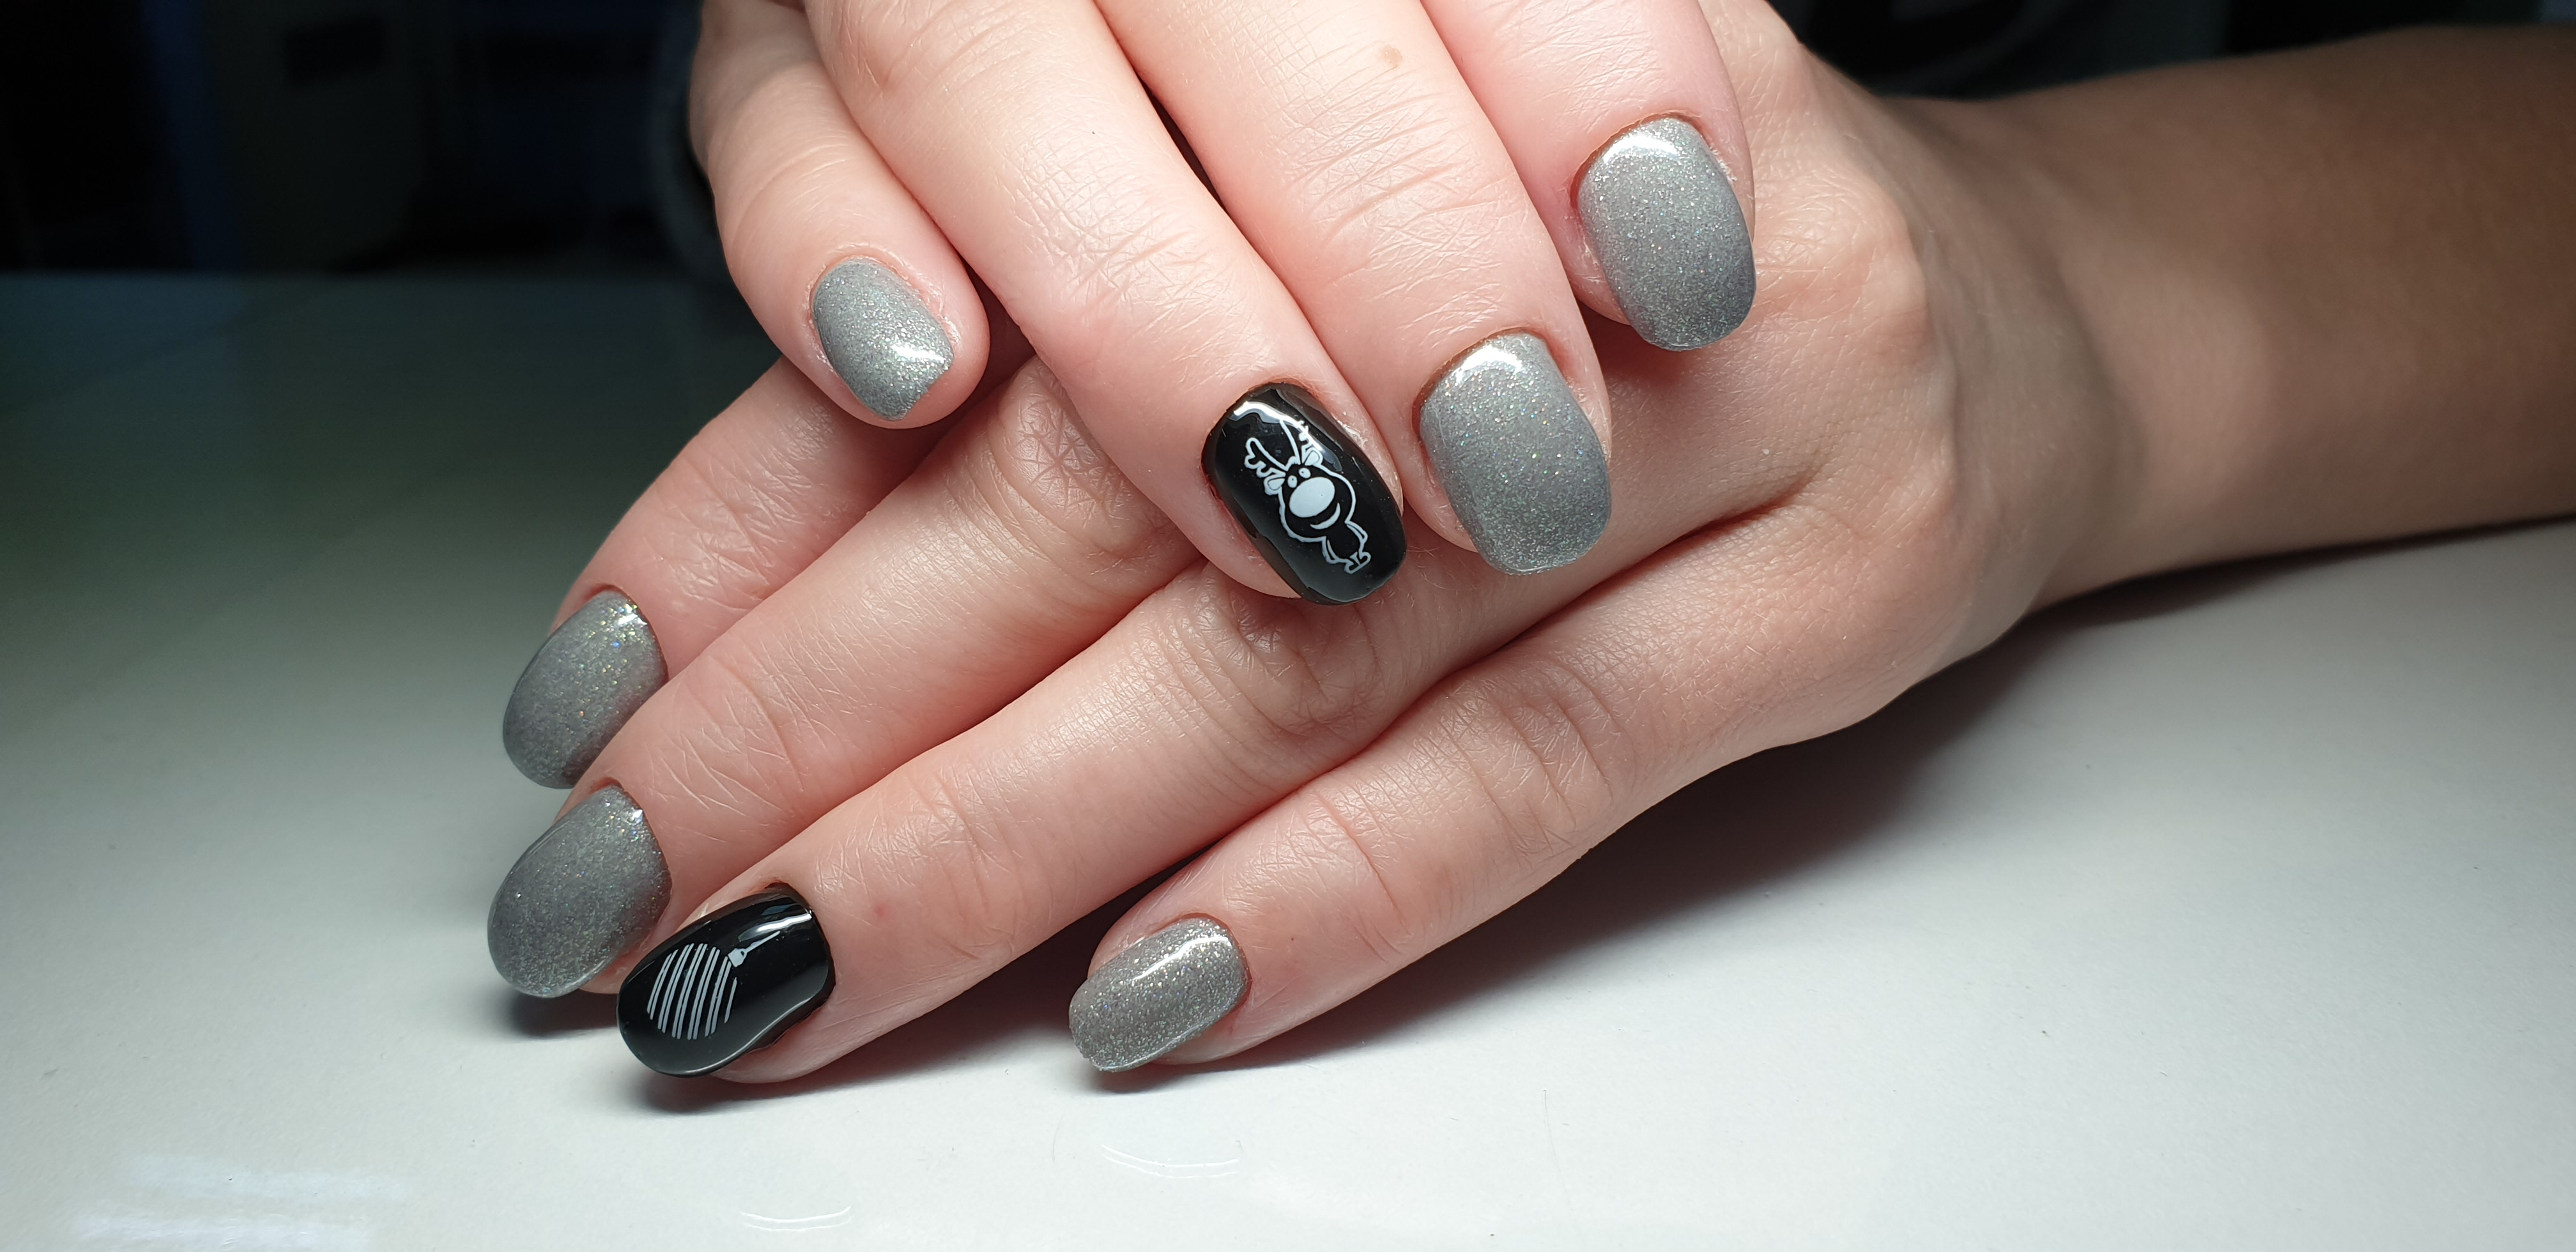 Однотонный маникюр в серебряном цвете с чёрным дизайном и новогодними слайдерами.